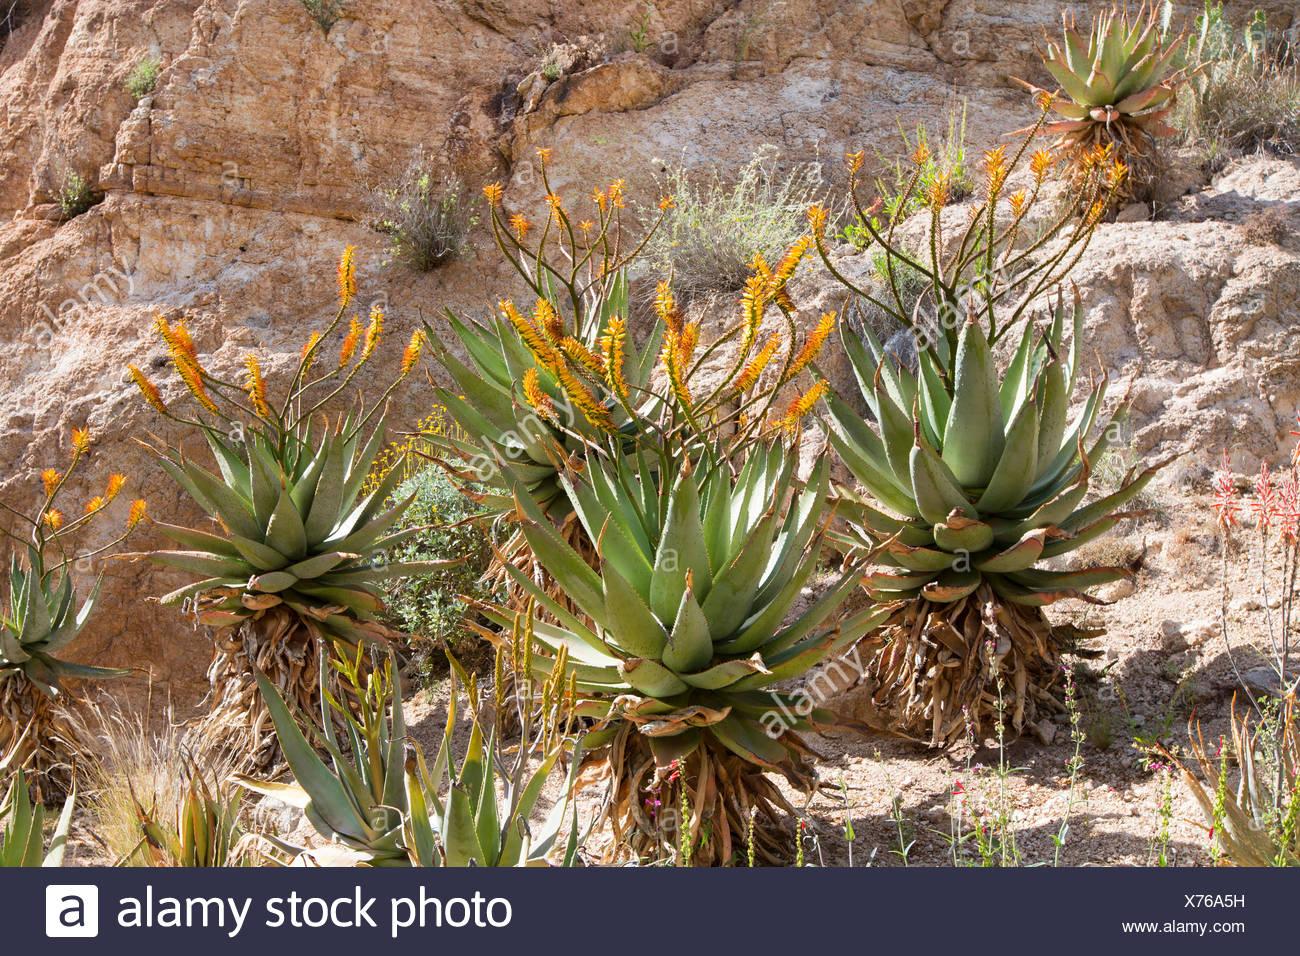 Mountain Aloe, Aloe, flowerd plana grande Aloe (Aloe marlothii espinosas), grupo de floración en una pared de roca, ESTADOS UNIDOS, Arizona, Boyce Thompson Arboretum Imagen De Stock